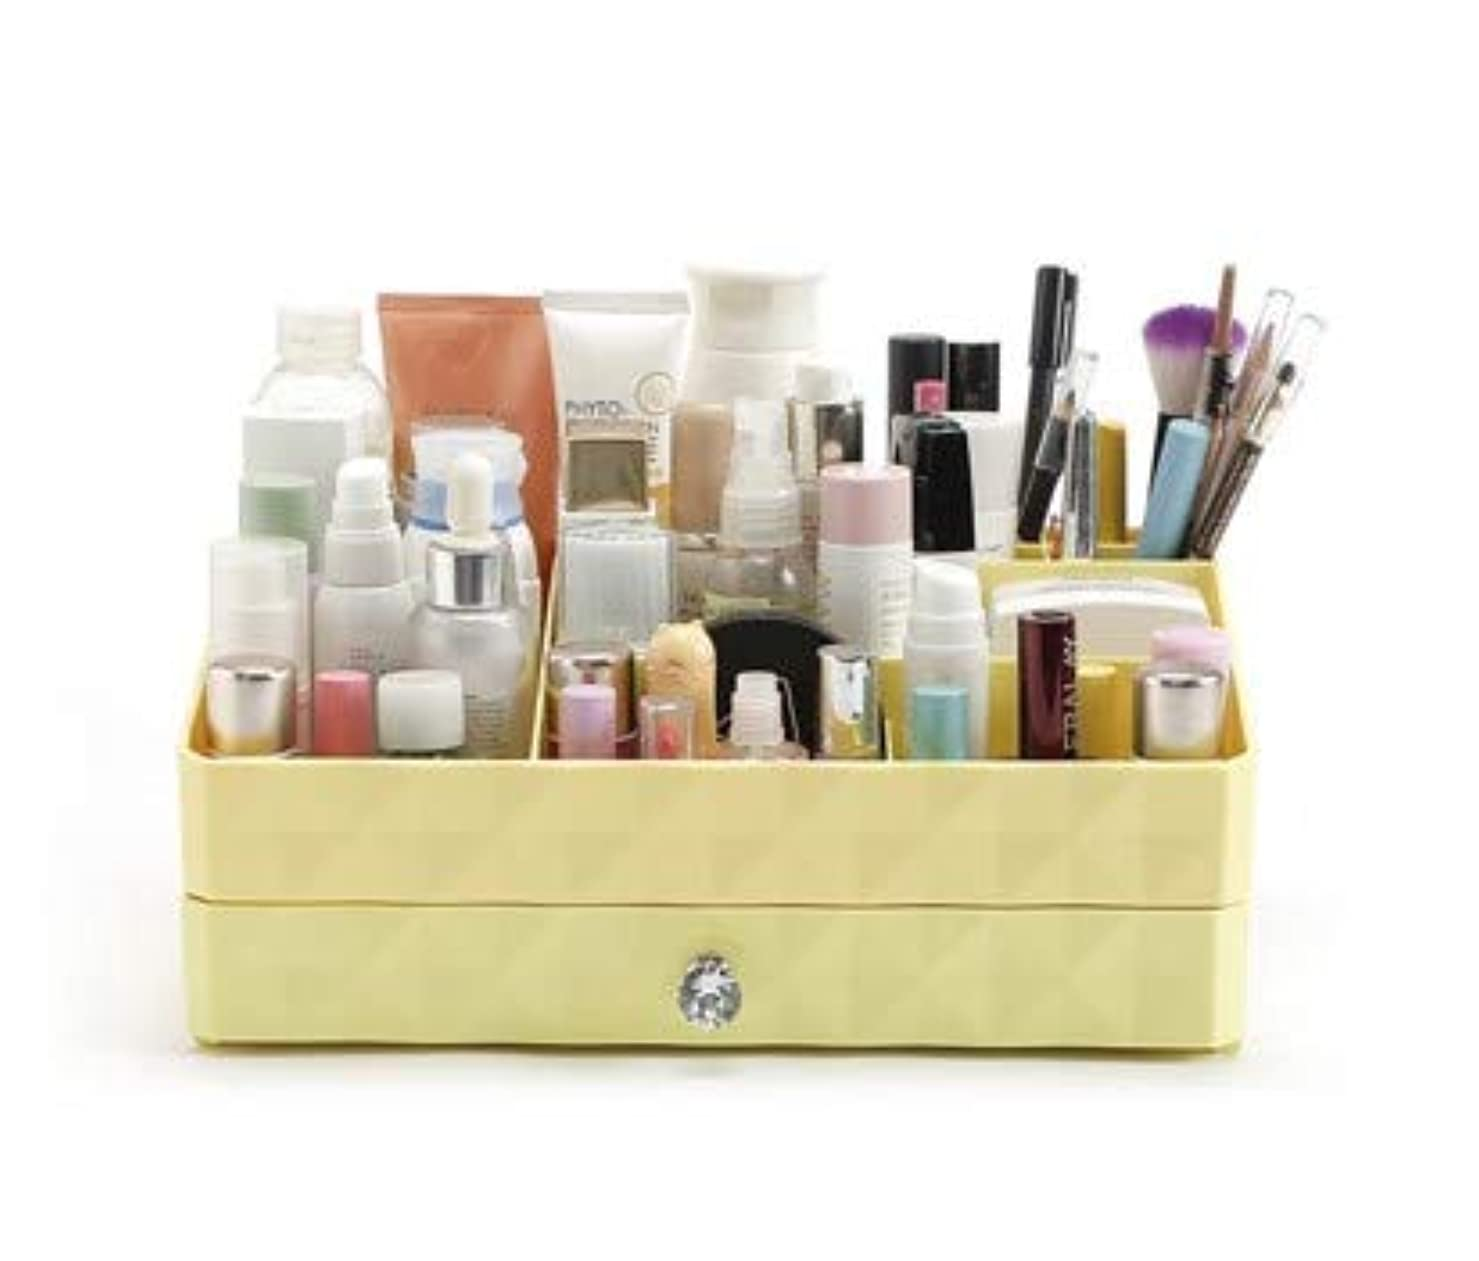 祈るホバート事業内容引き出し型化粧品収納ボックス家庭用ドレッサープラスチック大型ジュエリー収納ボックス (Color : Yellow)